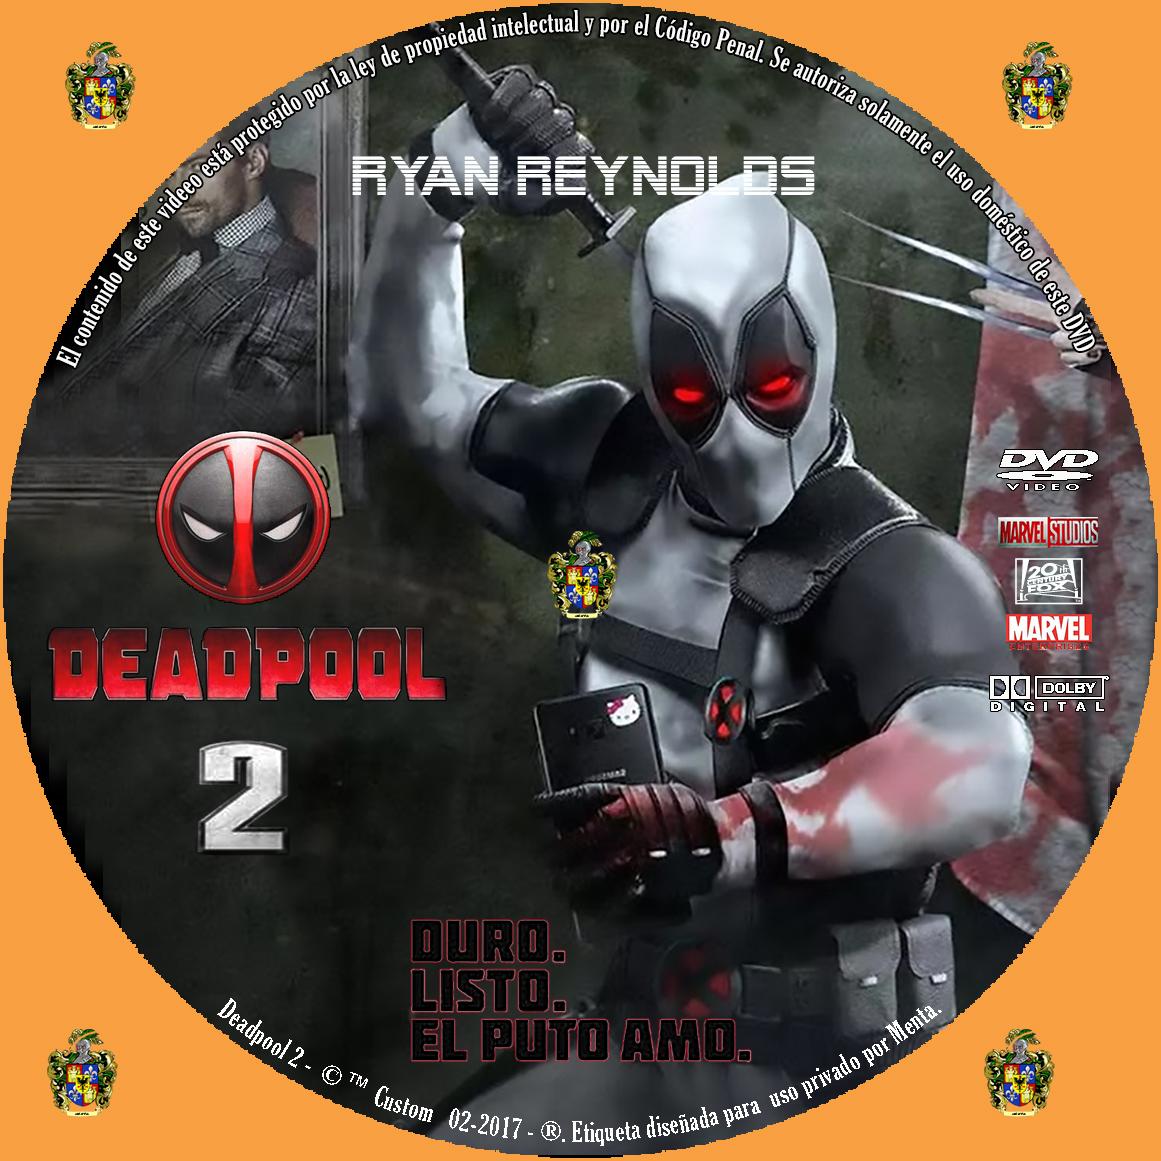 Caratulas Y Etiquetas Deadpool 2